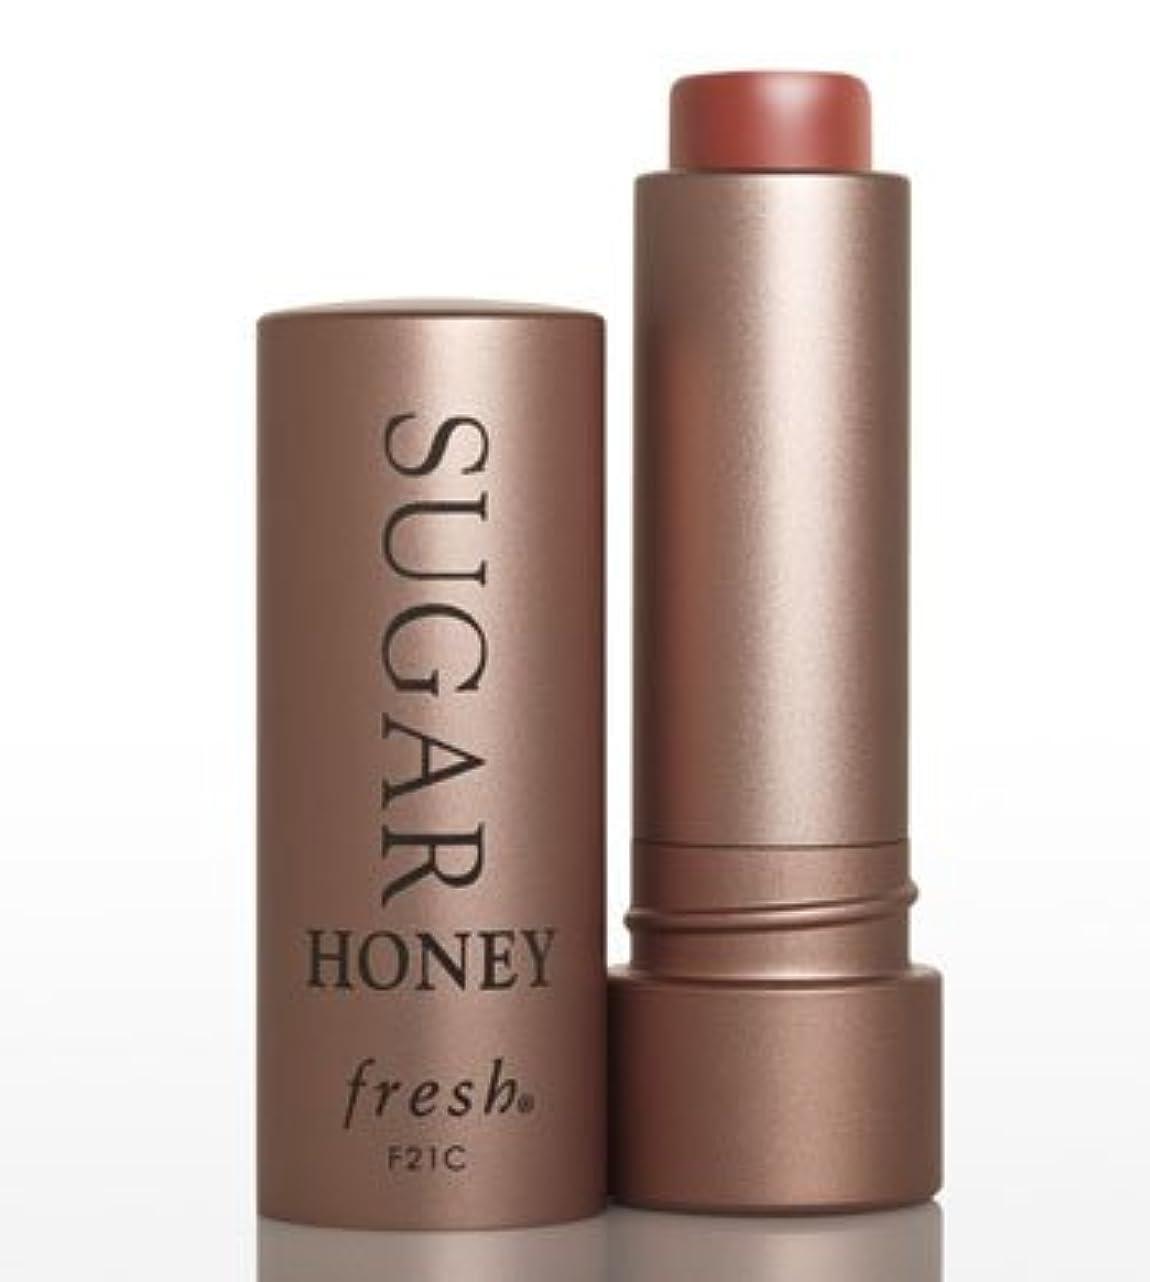 福祉発行する拍手Fresh SUGAR Honey TINTED LIP TREATMENT SPF15(フレッシュ シュガー ハニー ティンテッド リップ トリートメント SPF15) 0.15 oz (4.3g)